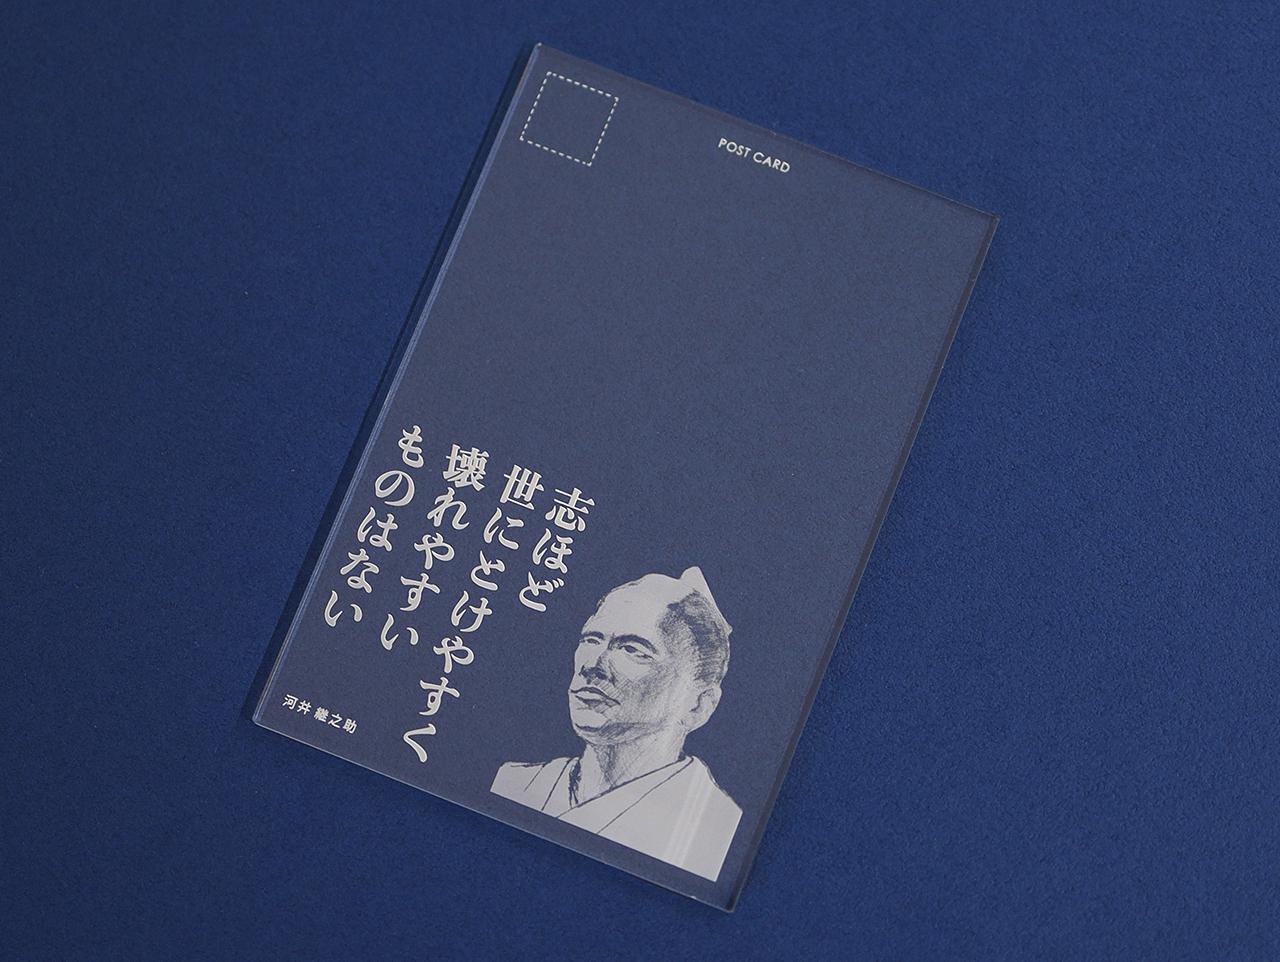 アクリルのポストカード -nagaoka- 河井継之助①